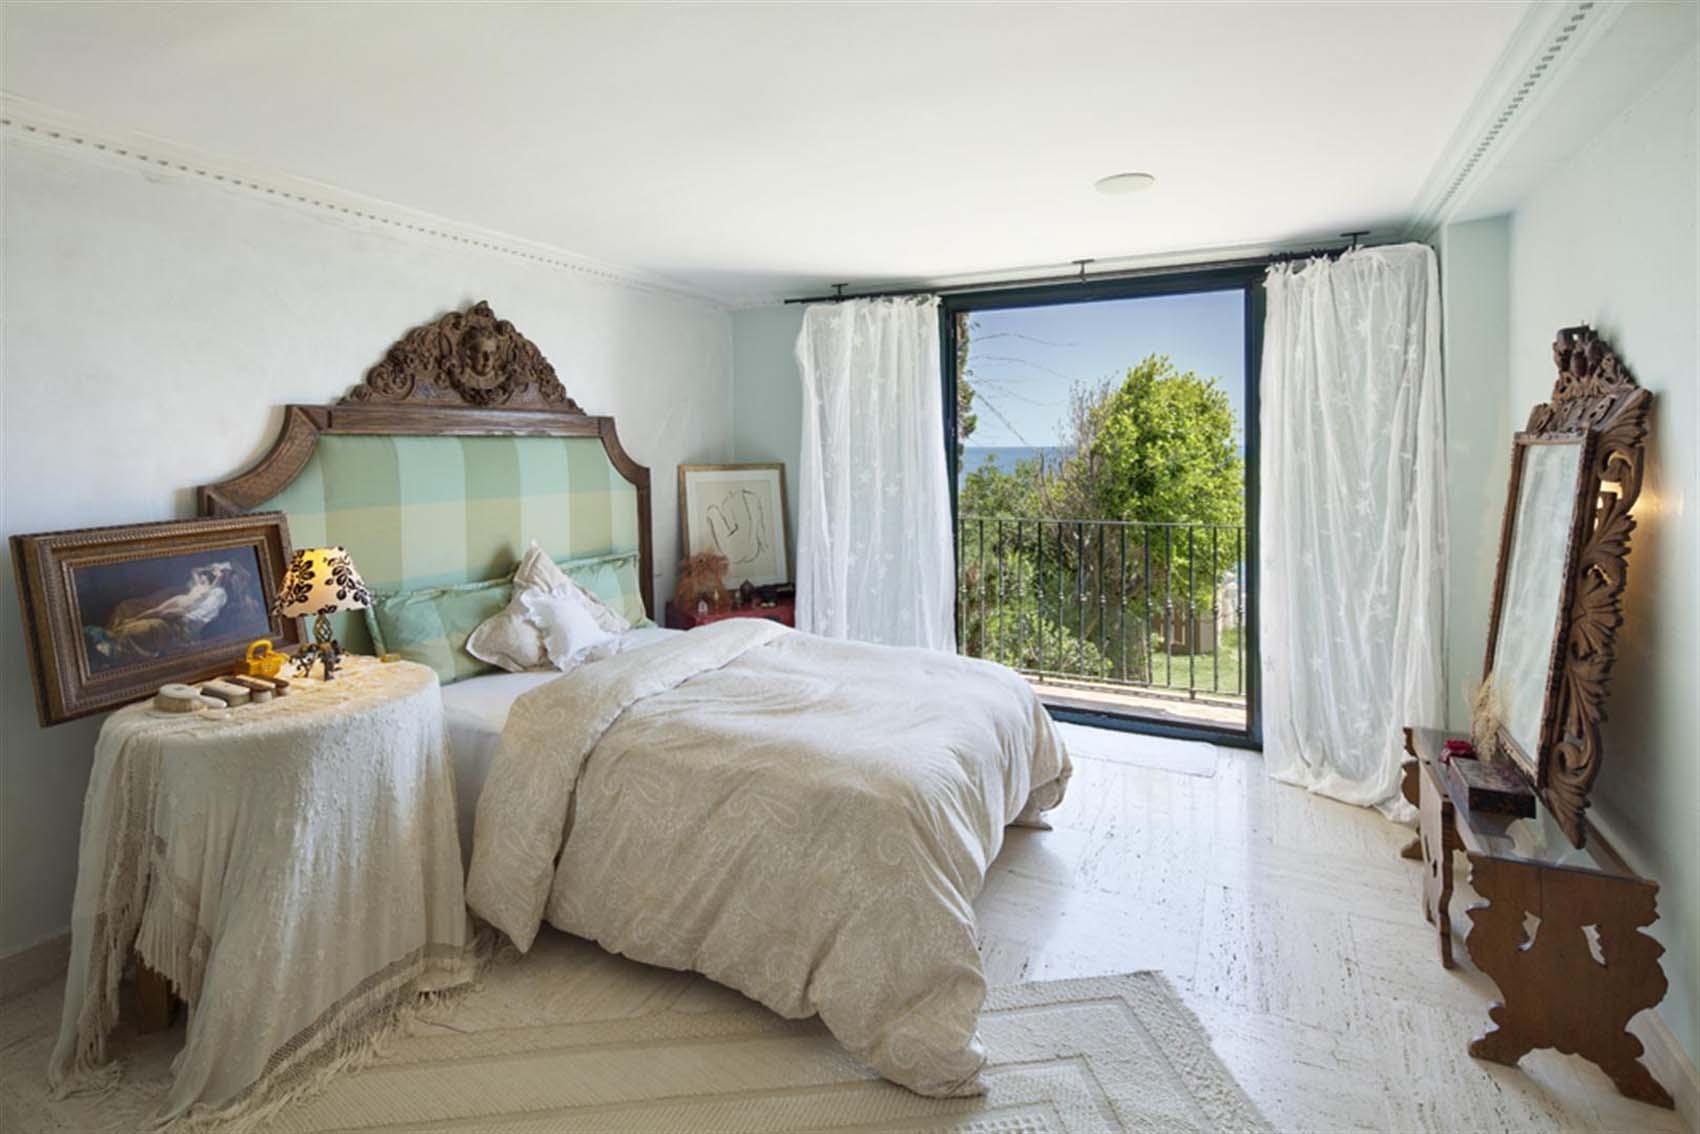 15. master bedroom - Copy - Copy